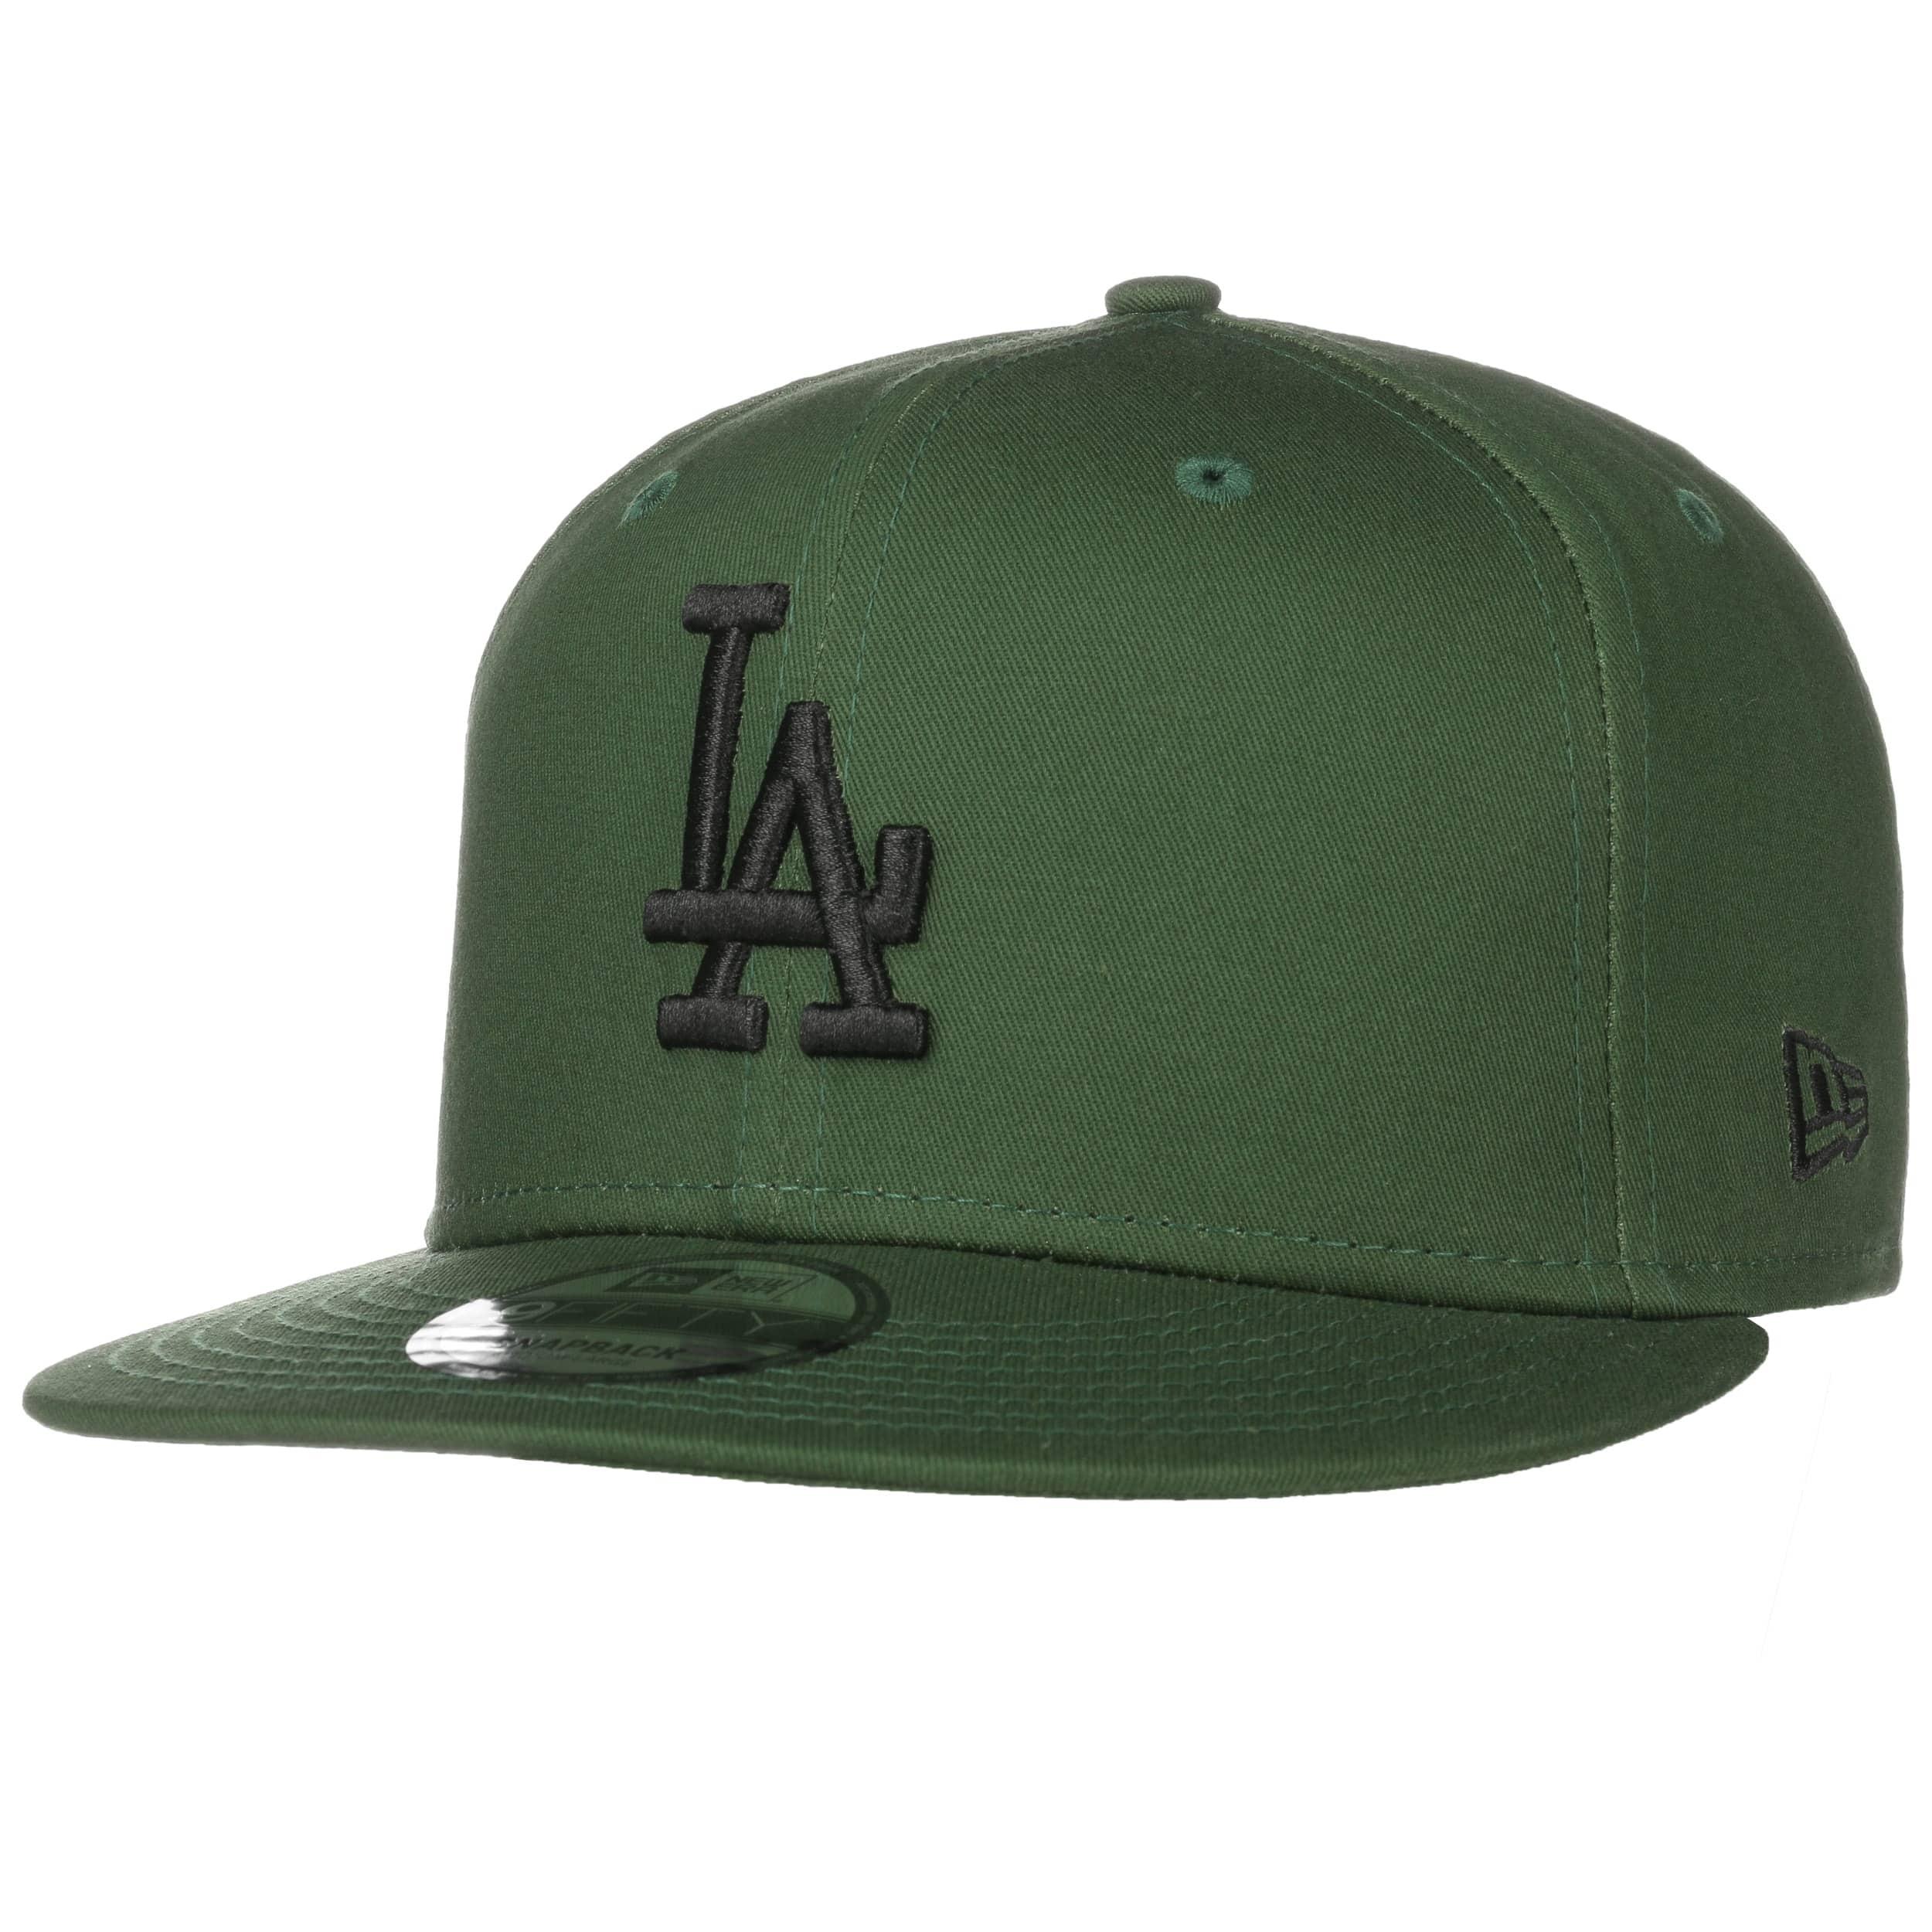 a6c56888 9Fifty MLB Ess LA Dodgers Cap by New Era